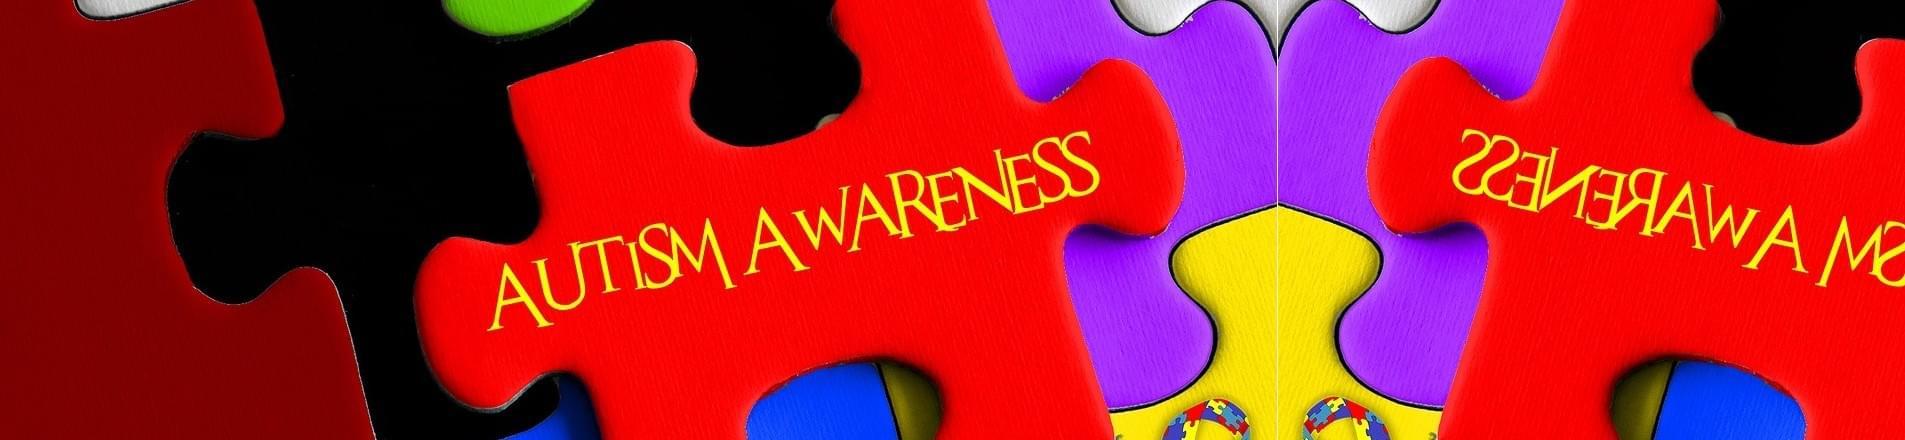 Autism Awareness Week 2016